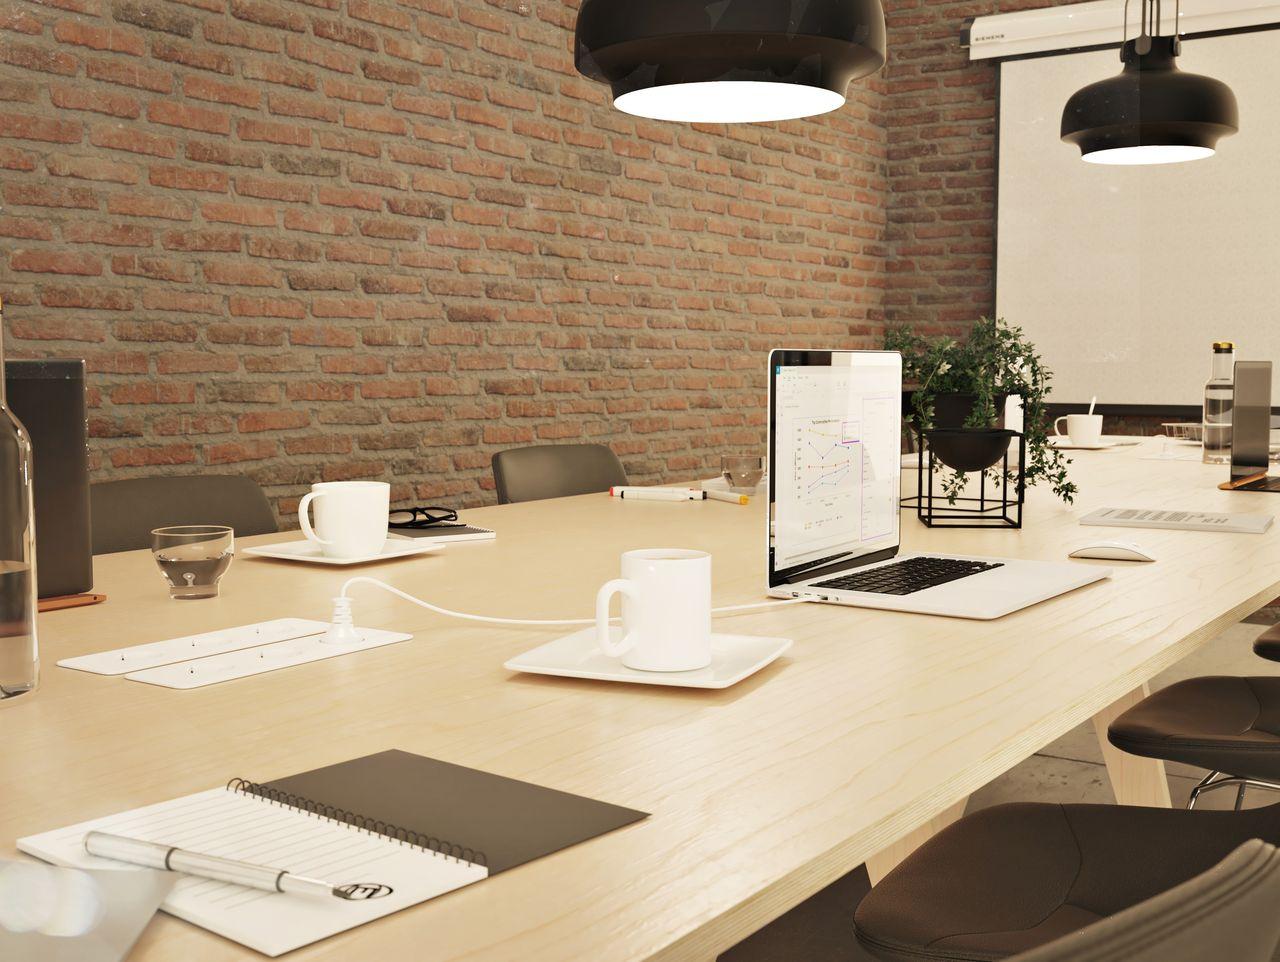 Table de réunion avec prises électriques intégrées et ordinateurs branchés